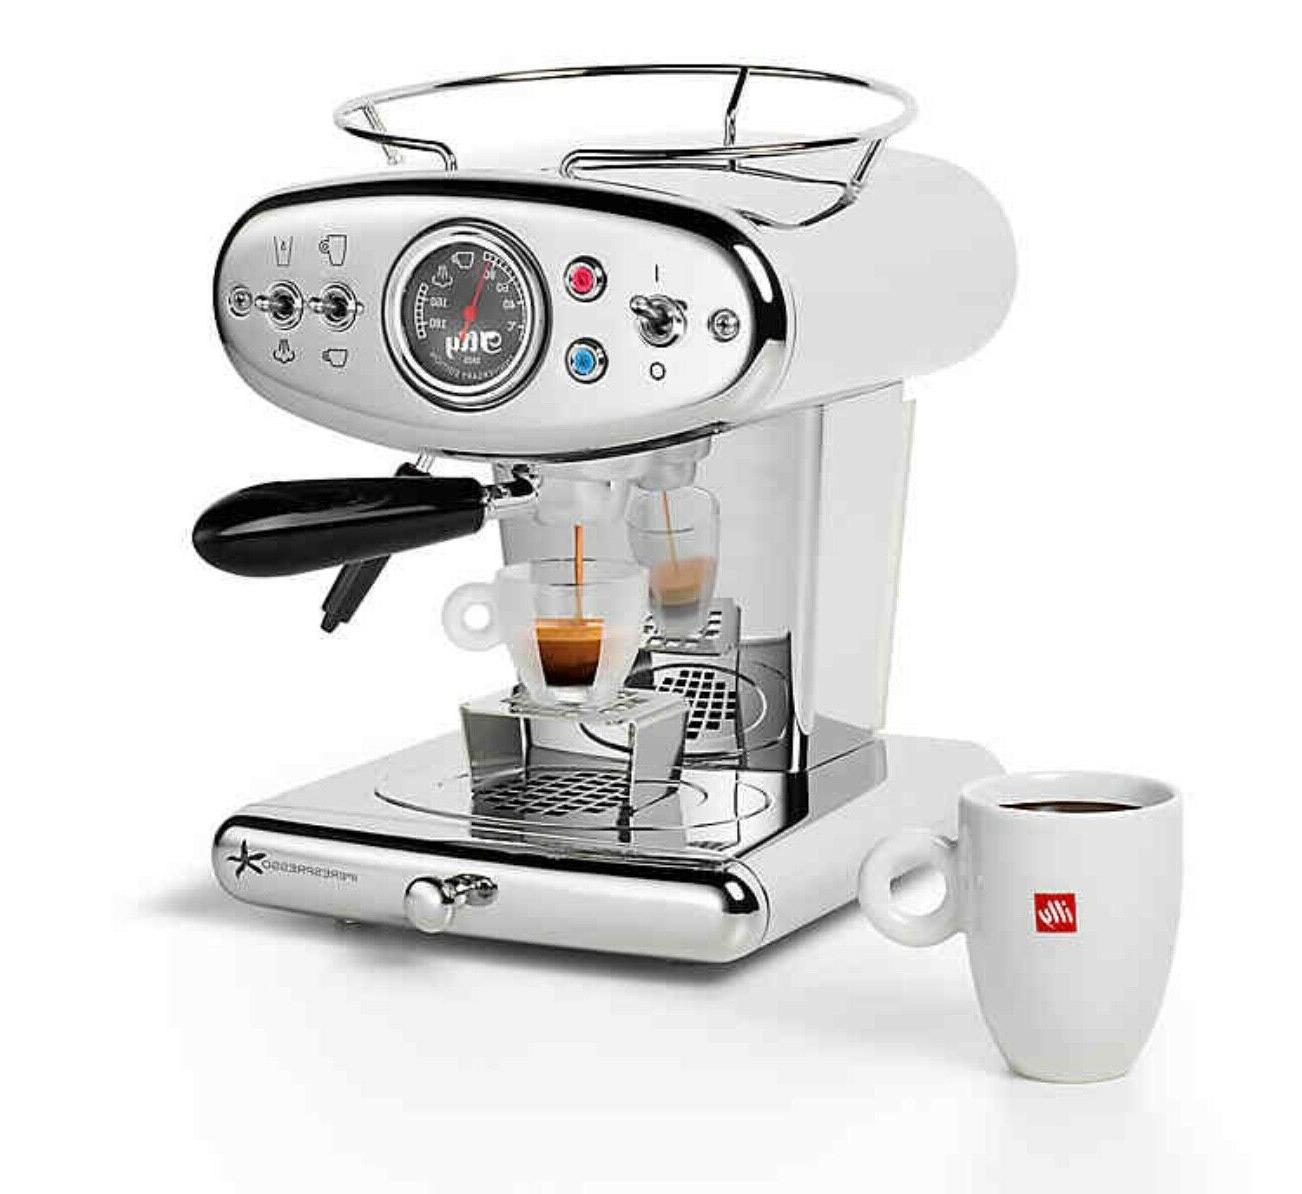 illy® Serve Espresso Maker in Black